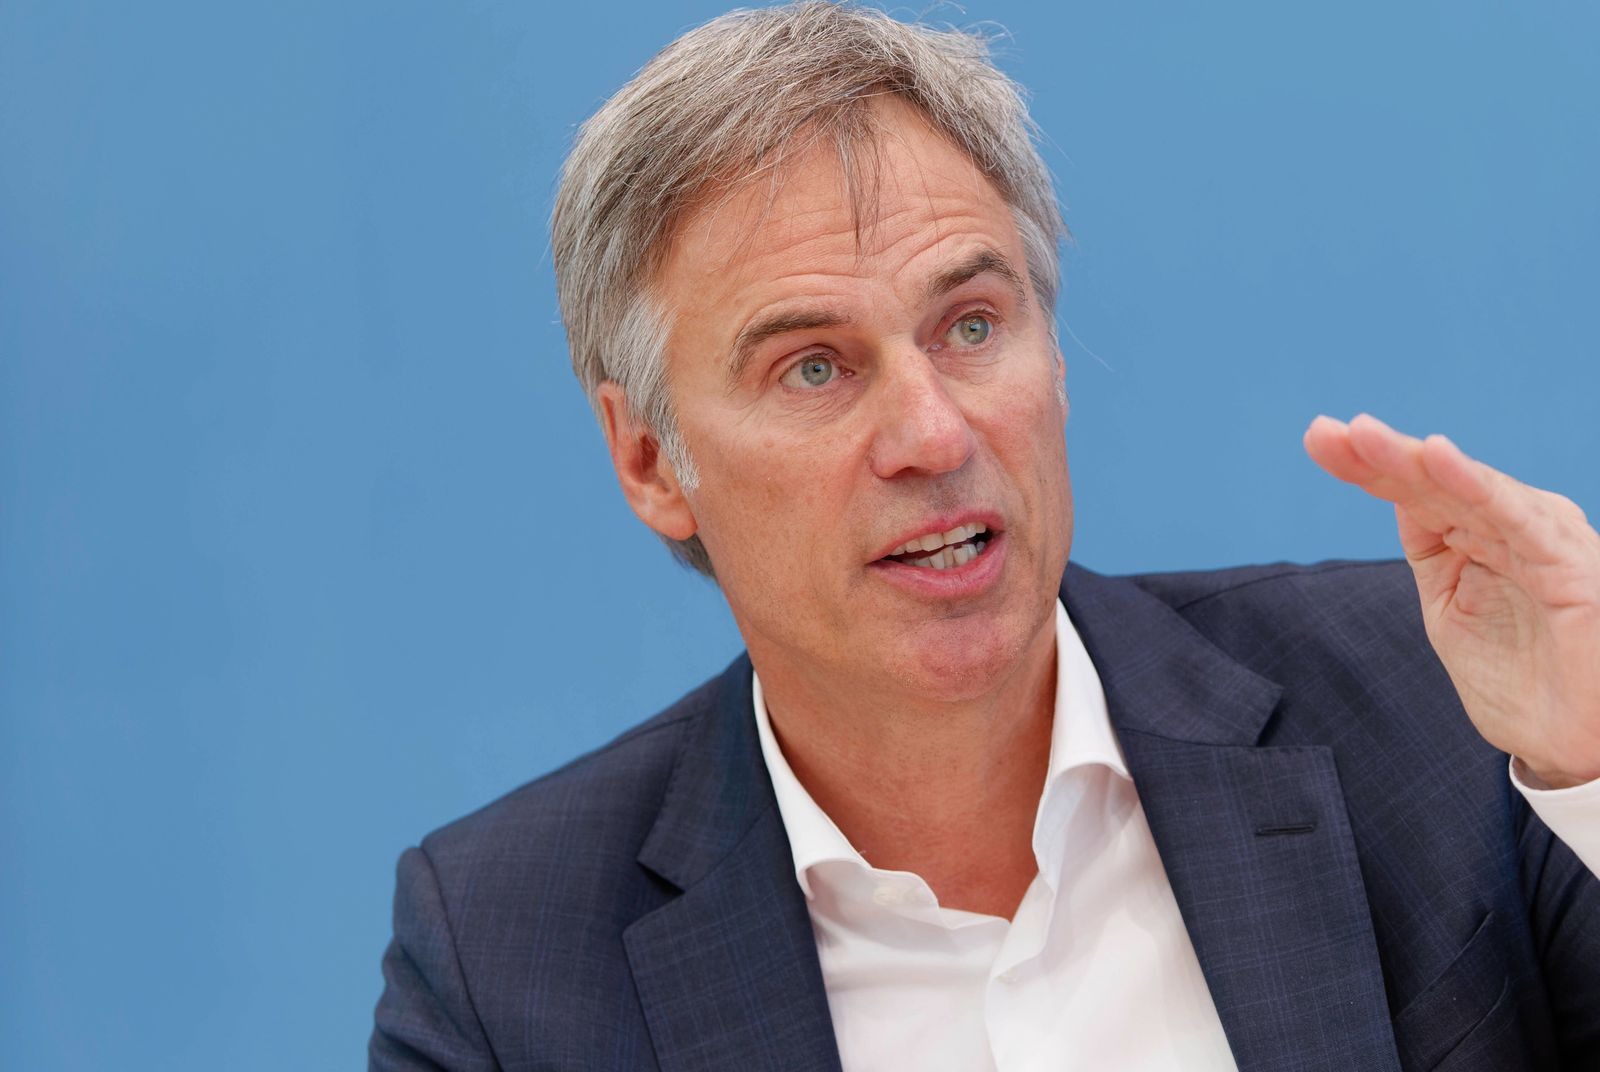 Achim Berg 2021-08-05 - Deutschland, Berlin - Bundespressekonferenz - Der Vizepräsident des Bundesamts für Verfassungssc